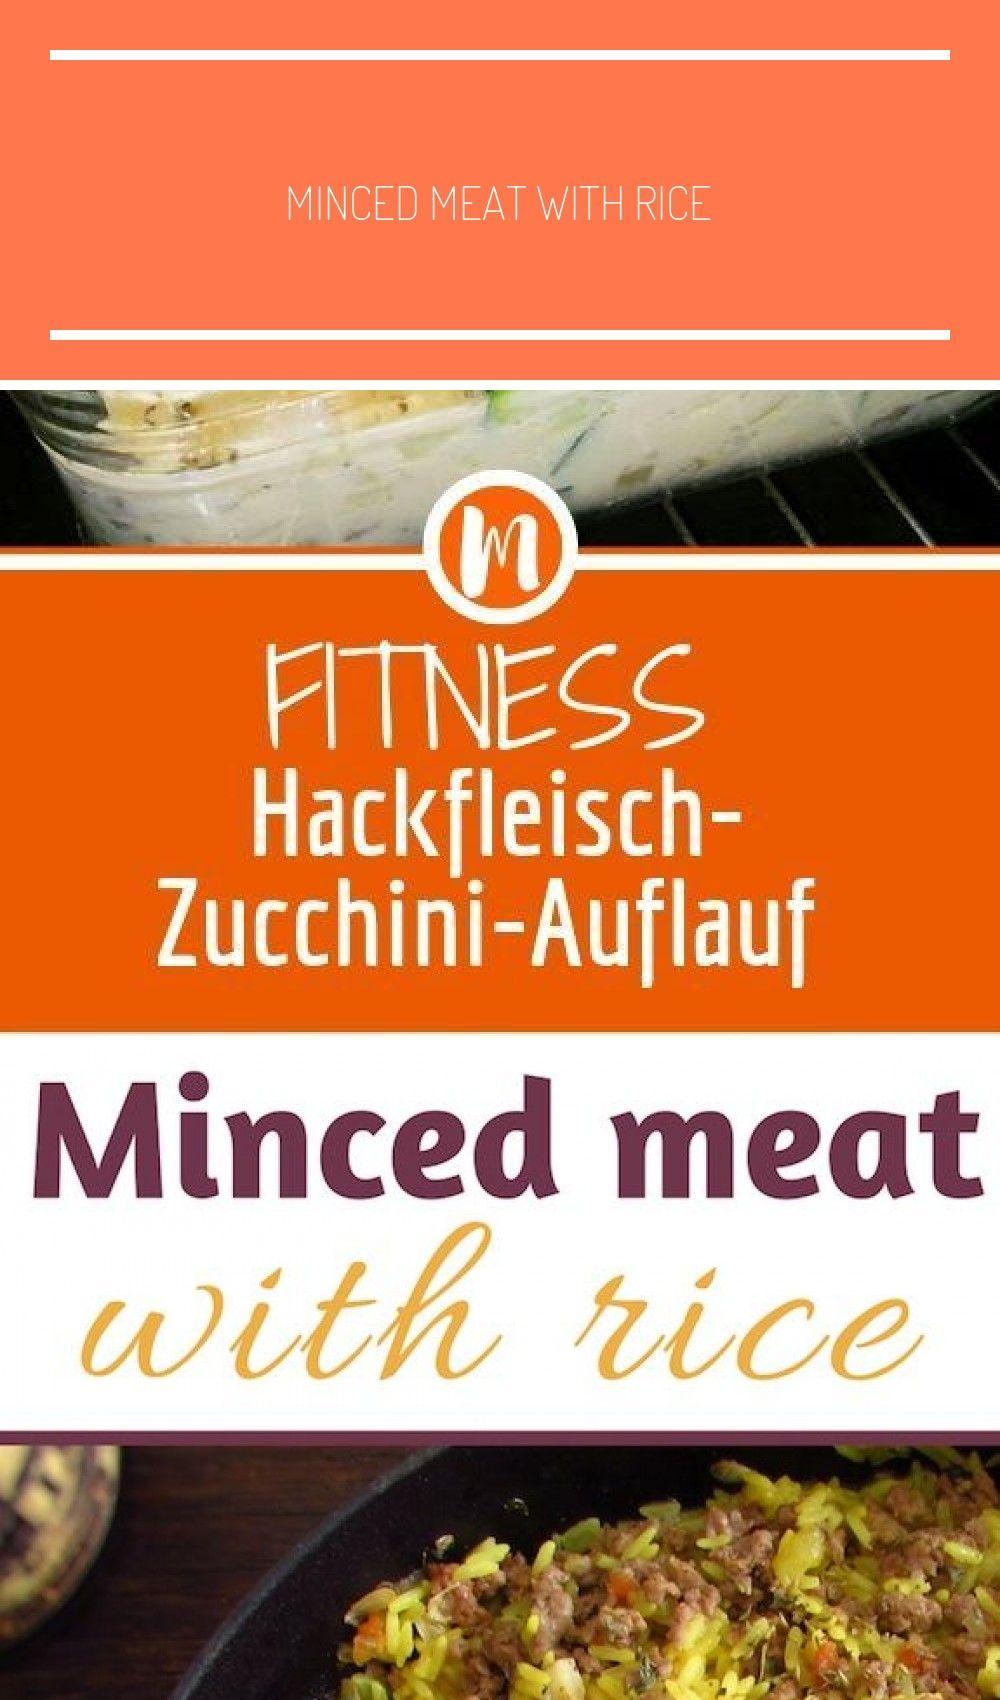 Fitness Hackfleisch-Zucchini-Auflauf ,  #abnehmen #abnehmenplan #bauchabnehmen #Fitness #Hackfleisch...